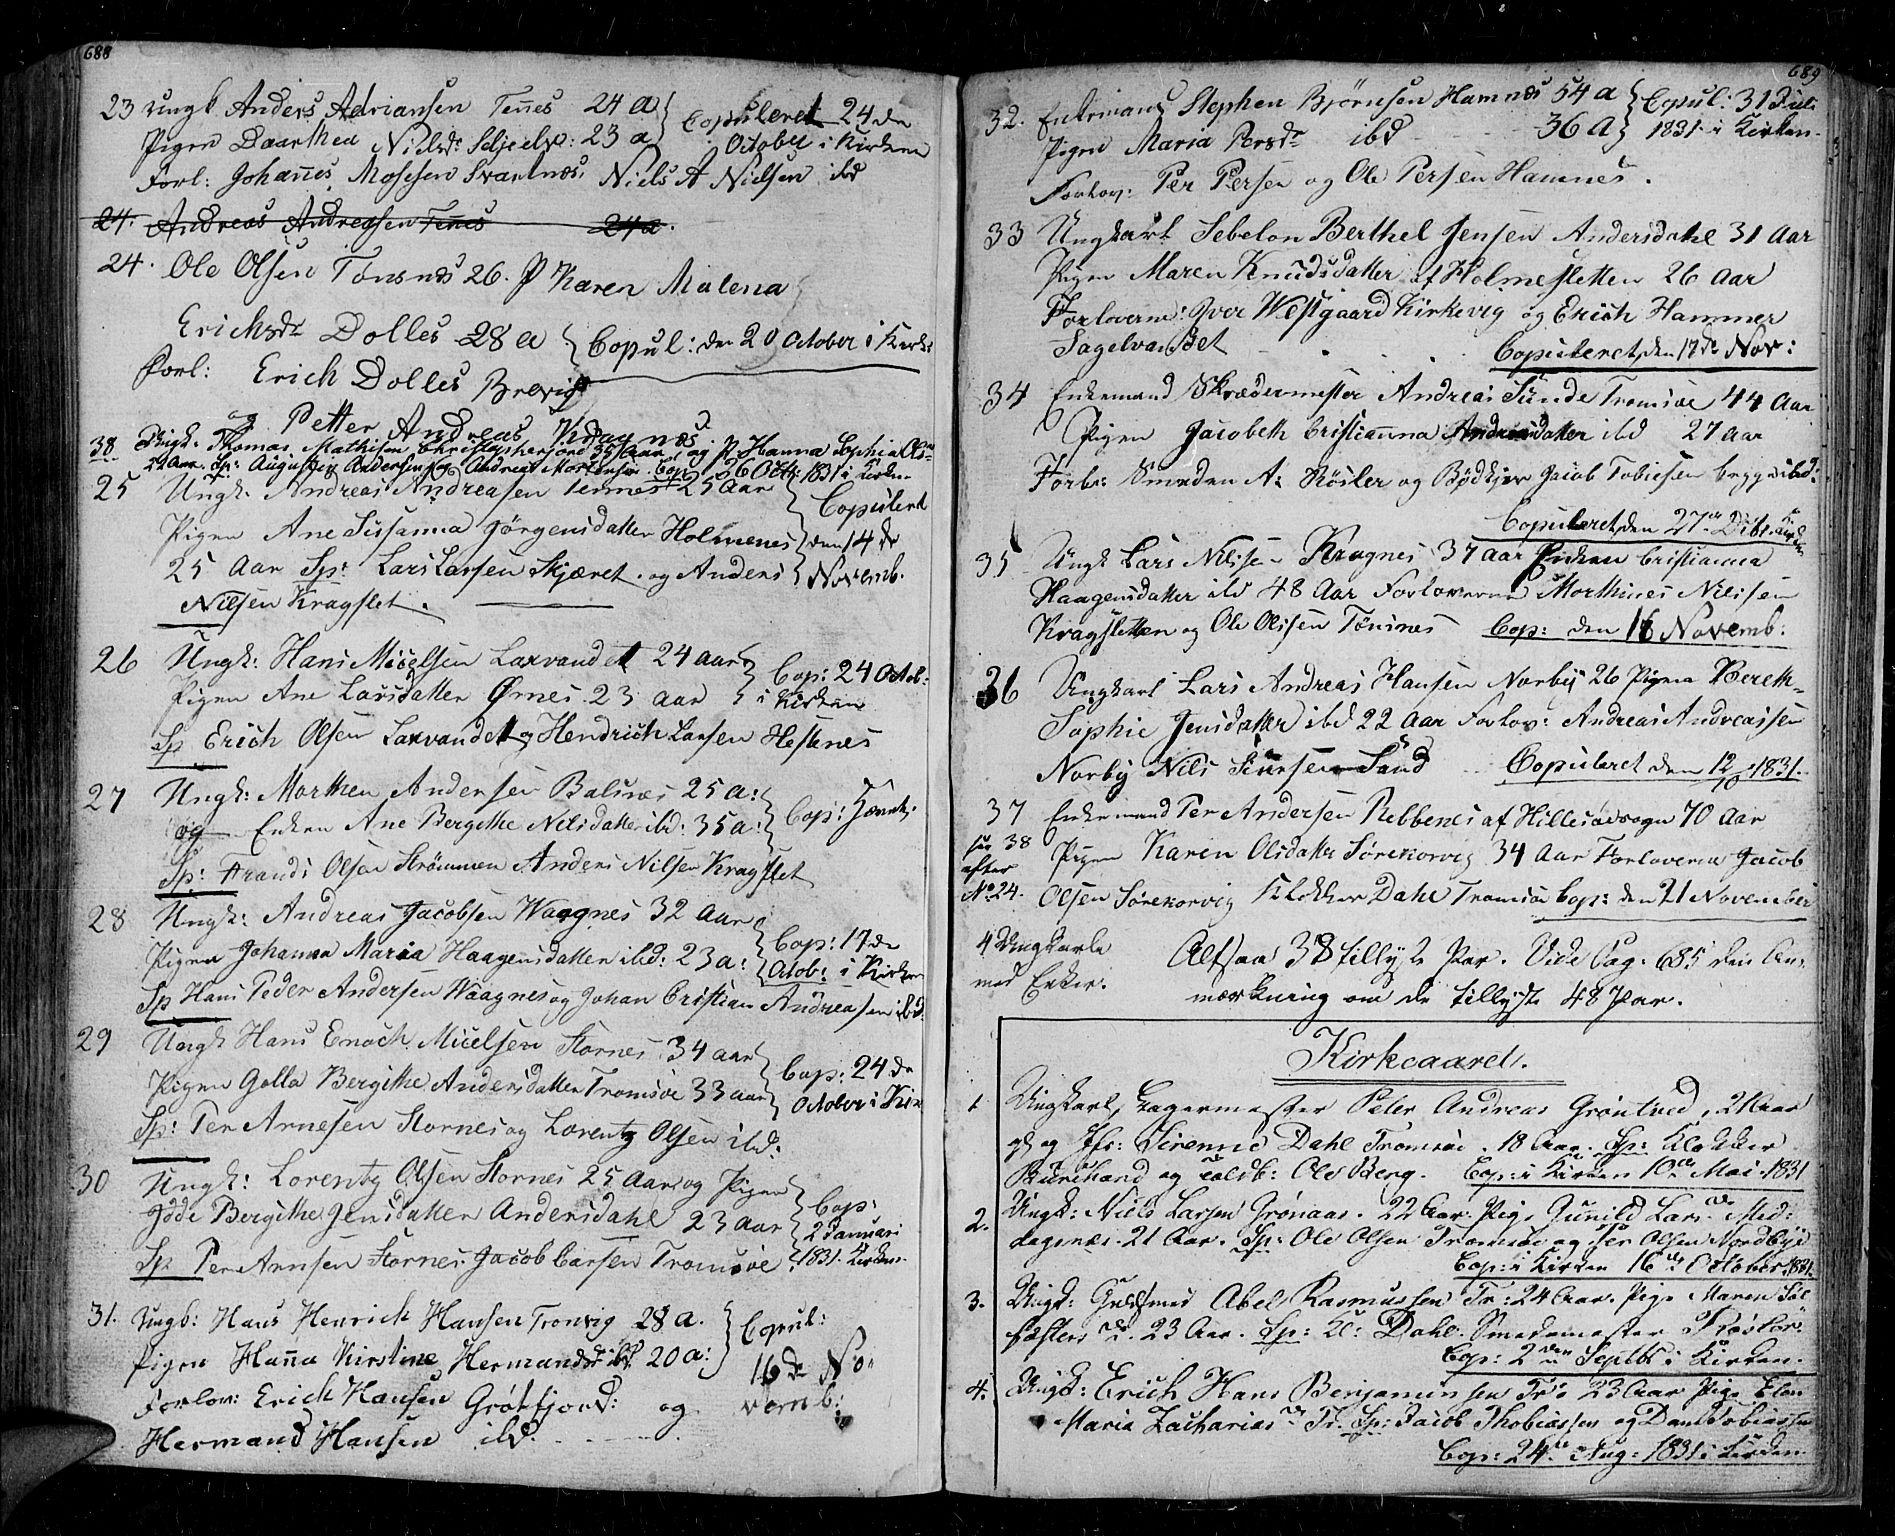 SATØ, Tromsø sokneprestkontor/stiftsprosti/domprosti, G/Ga/L0008kirke: Ministerialbok nr. 8, 1829-1837, s. 688-689